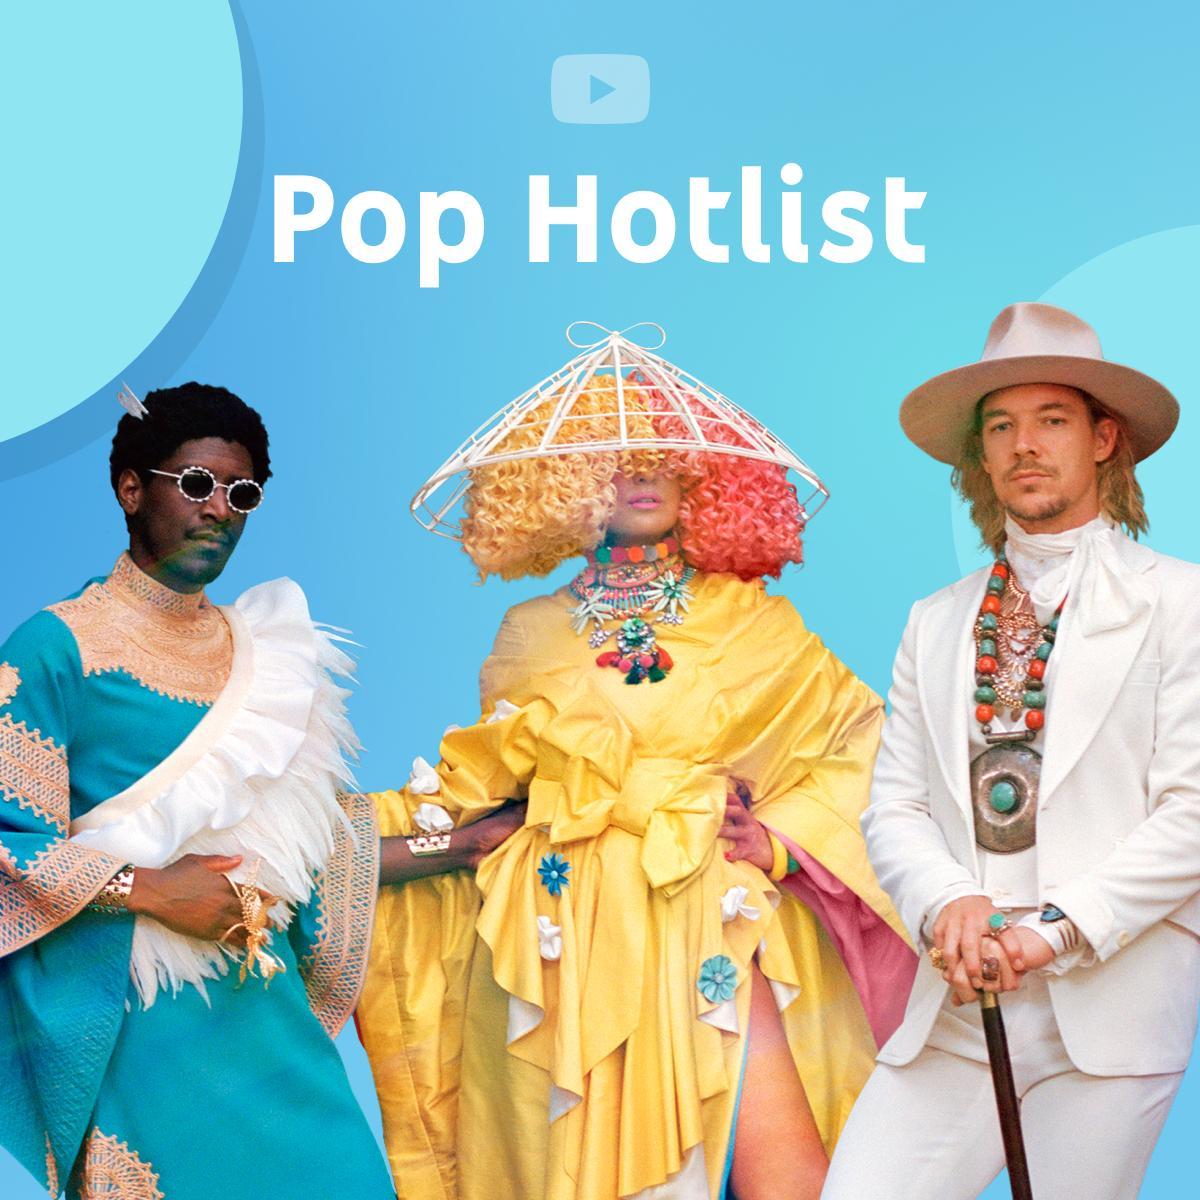 #LSD is on the cover of @youtubemusic's Pop Hotlist! https://t.co/UVlq3w5dI6 #youtubemusic - Team Sia https://t.co/OKPsGIbieH